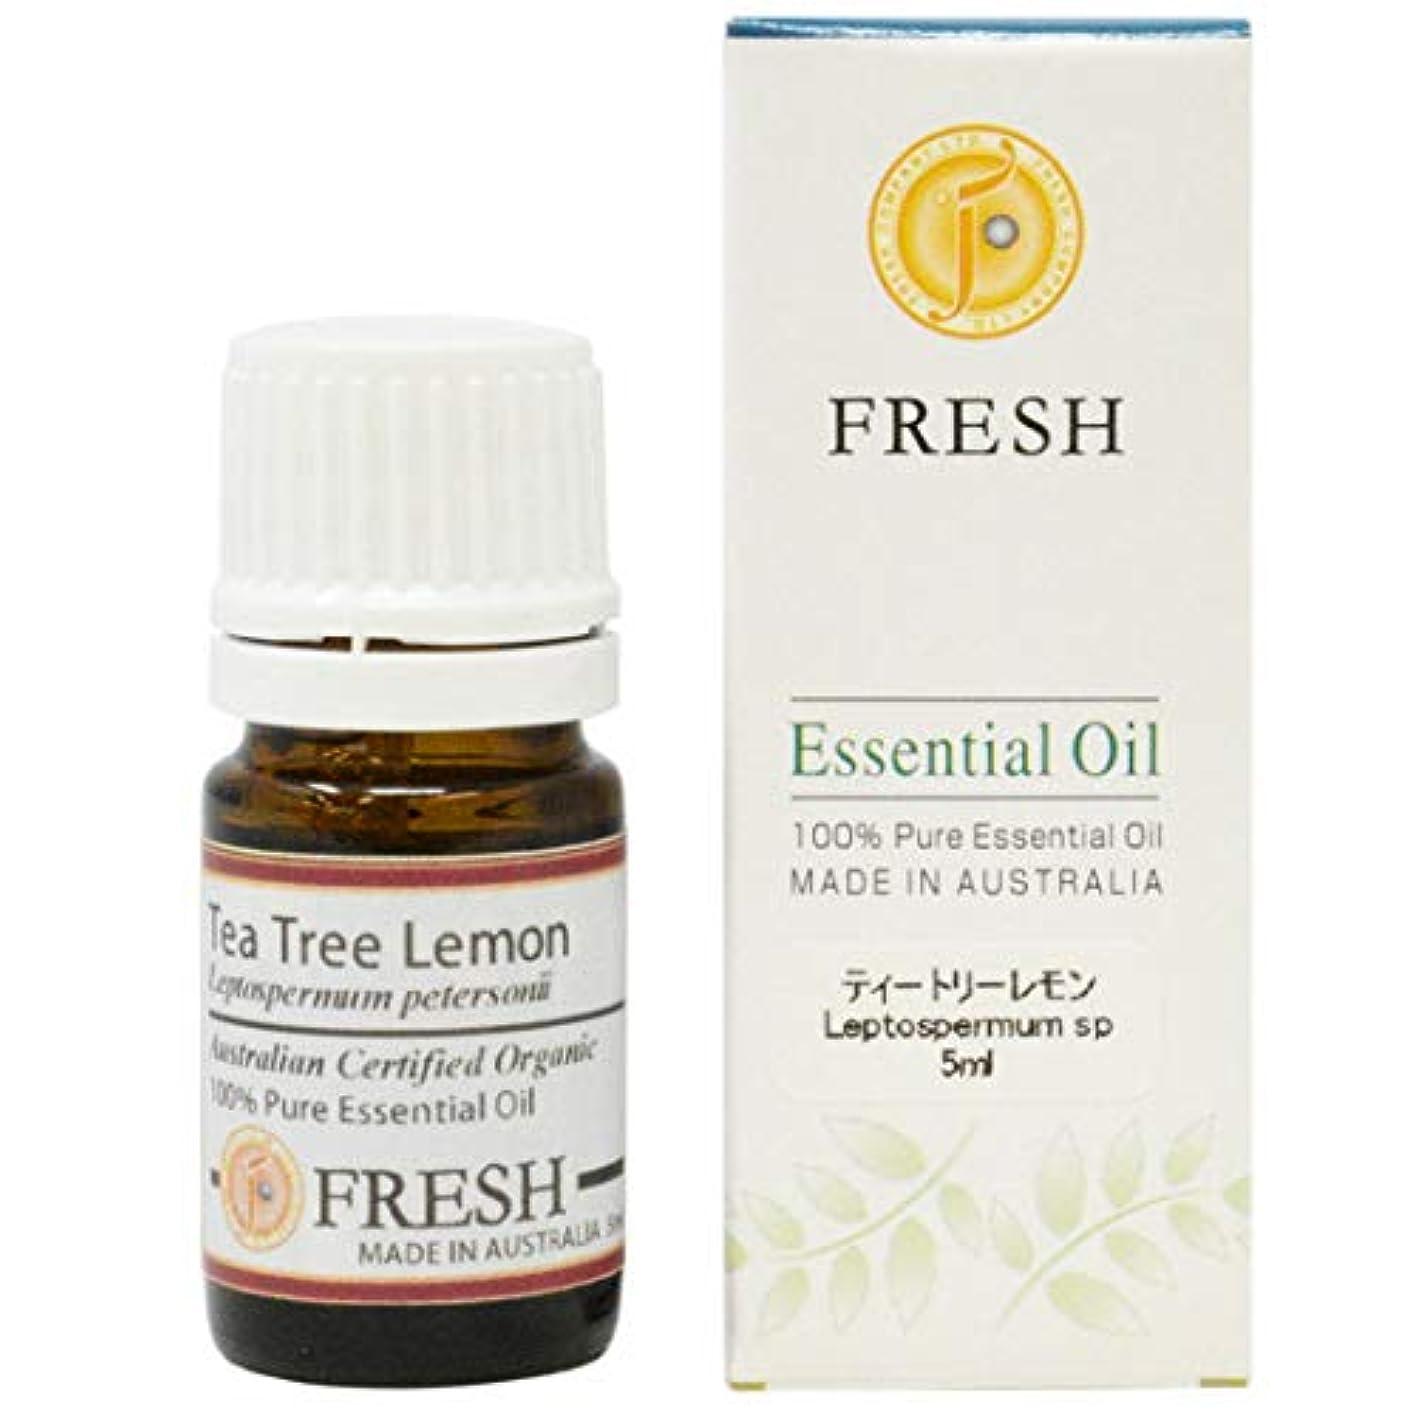 ストライプ悪夢政府FRESH オーガニック エッセンシャルオイル ティートリーレモン 5ml (FRESH 精油)